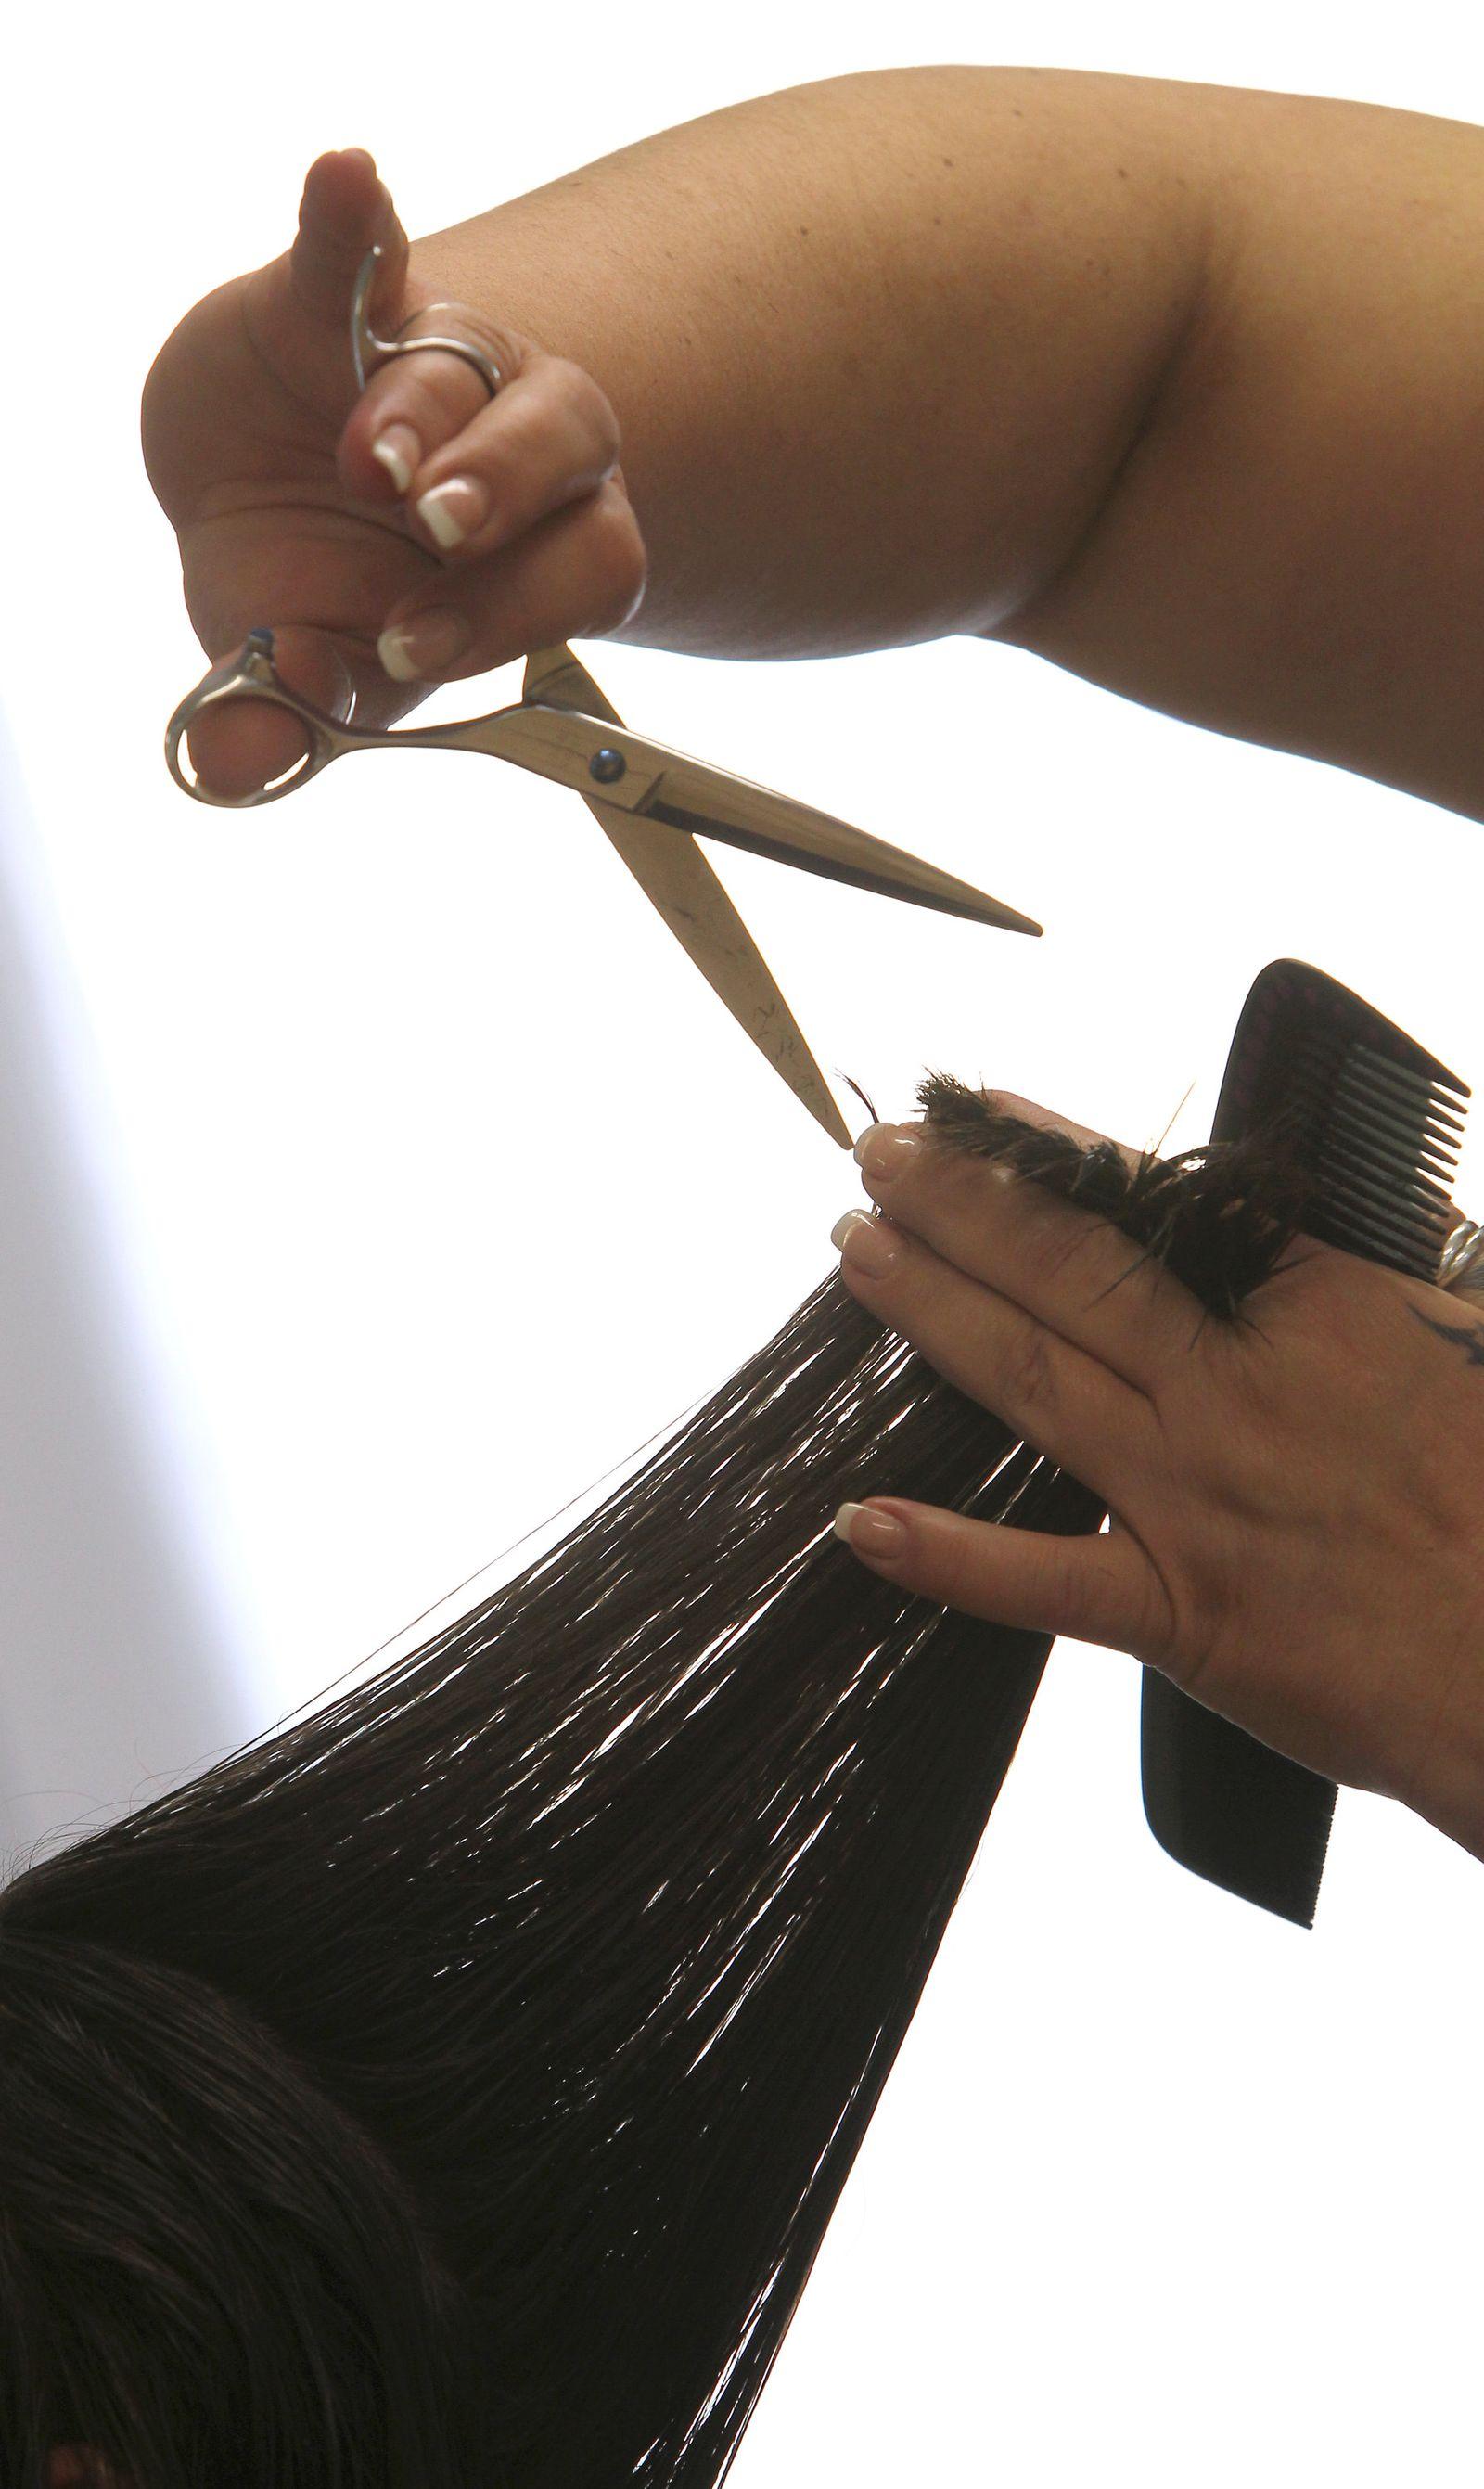 Friseur Haare Schnitt Handwerk